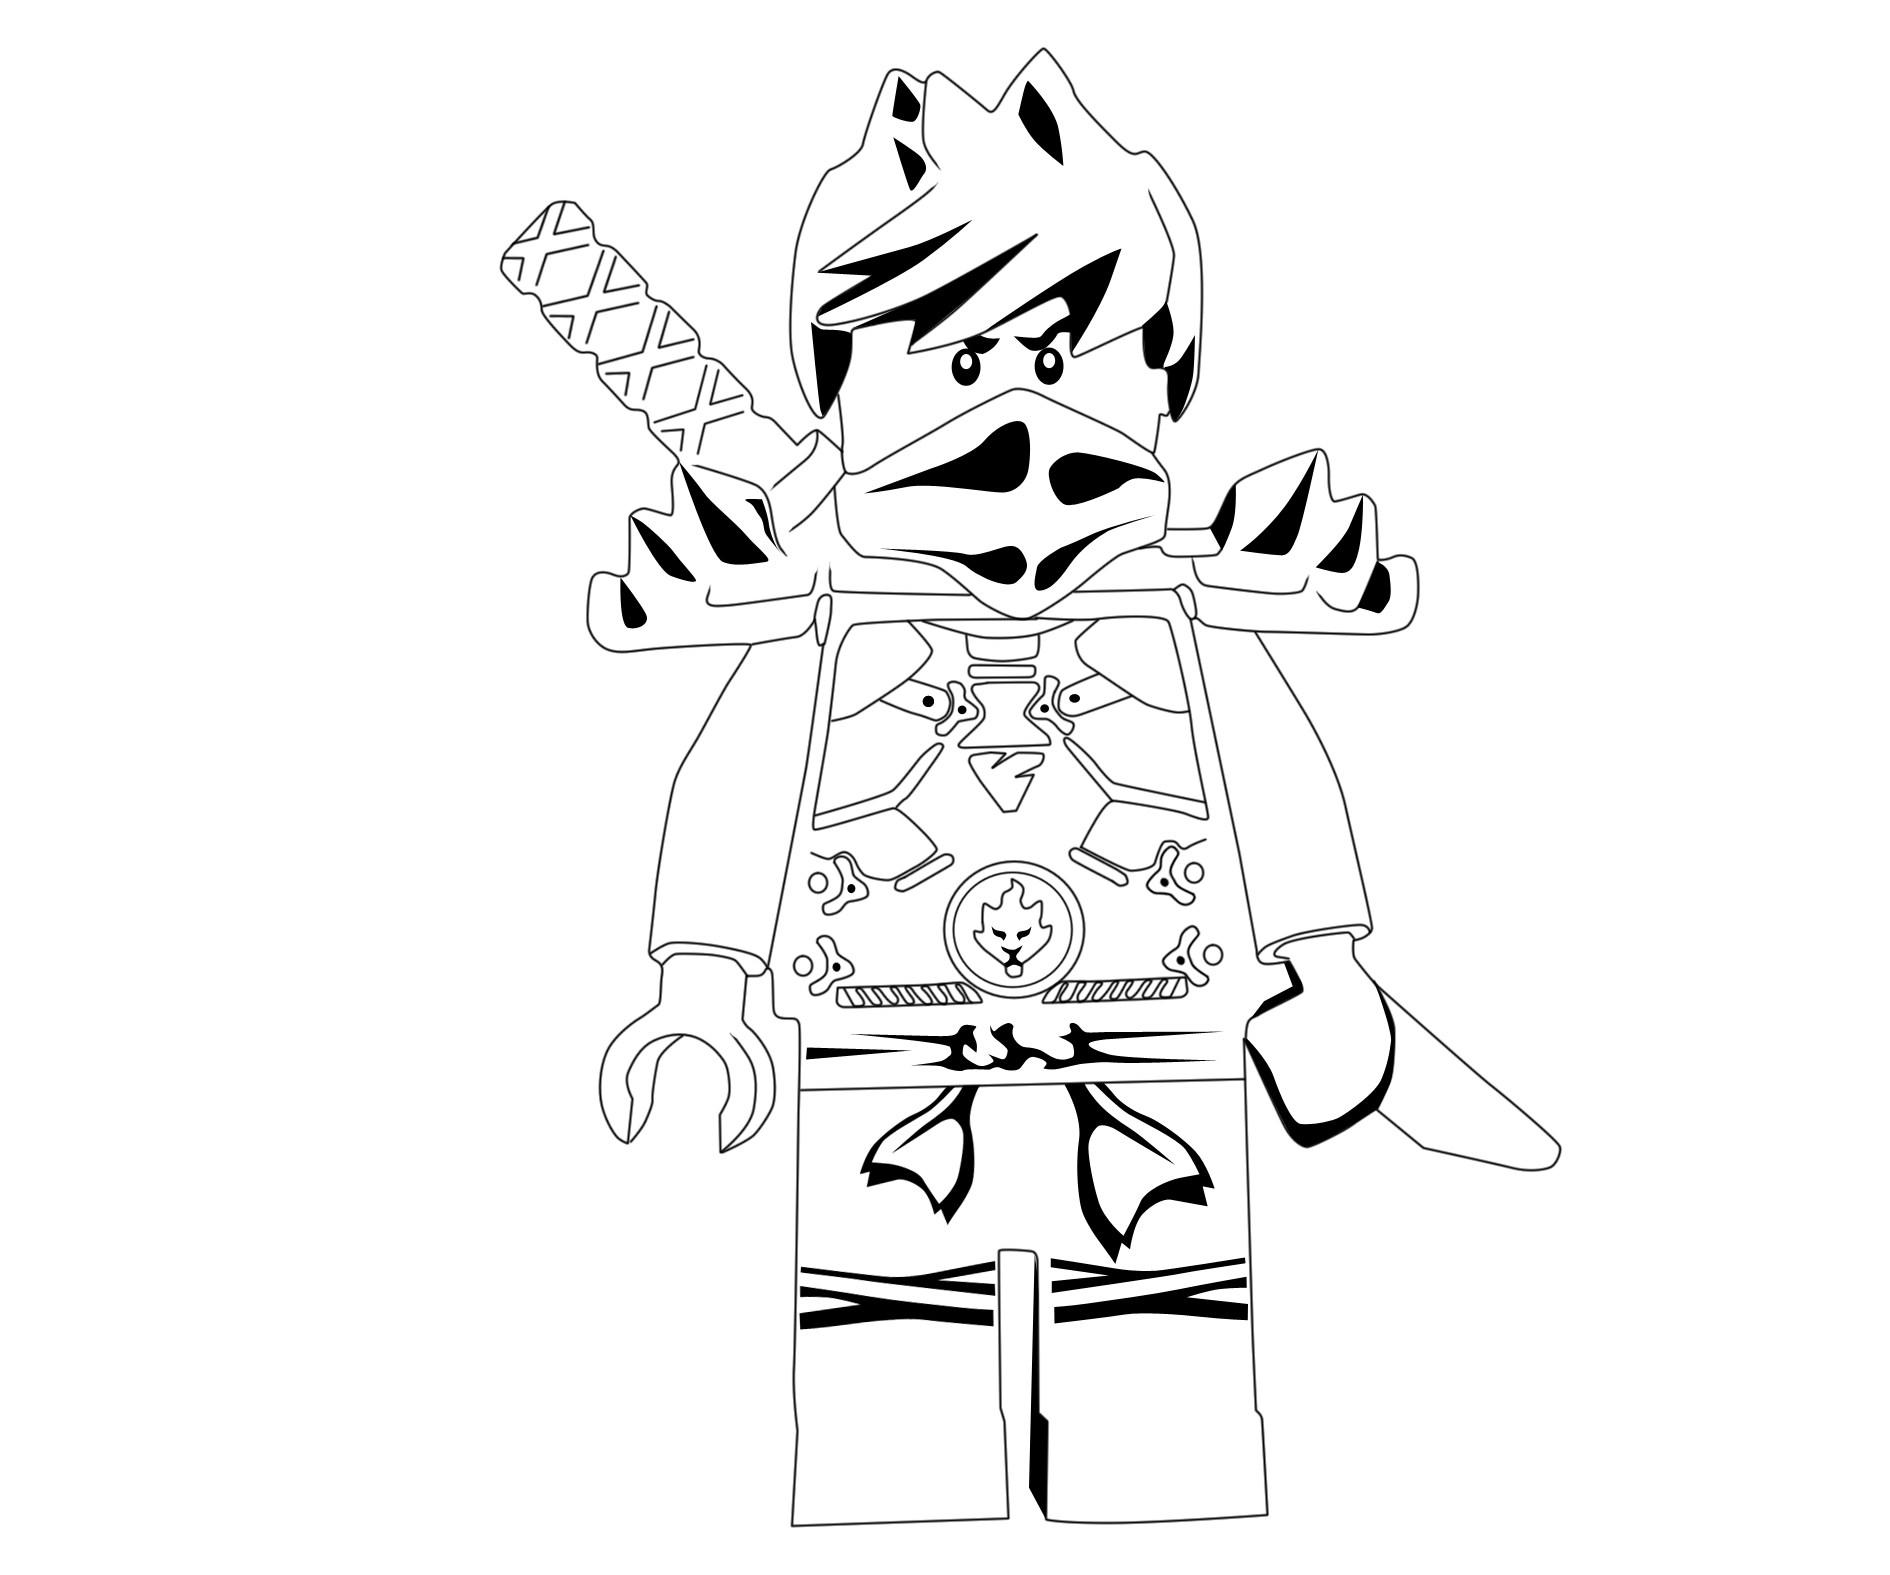 1890x1575 Lego Ninjago Kai Ninja With Sword Coloring Page